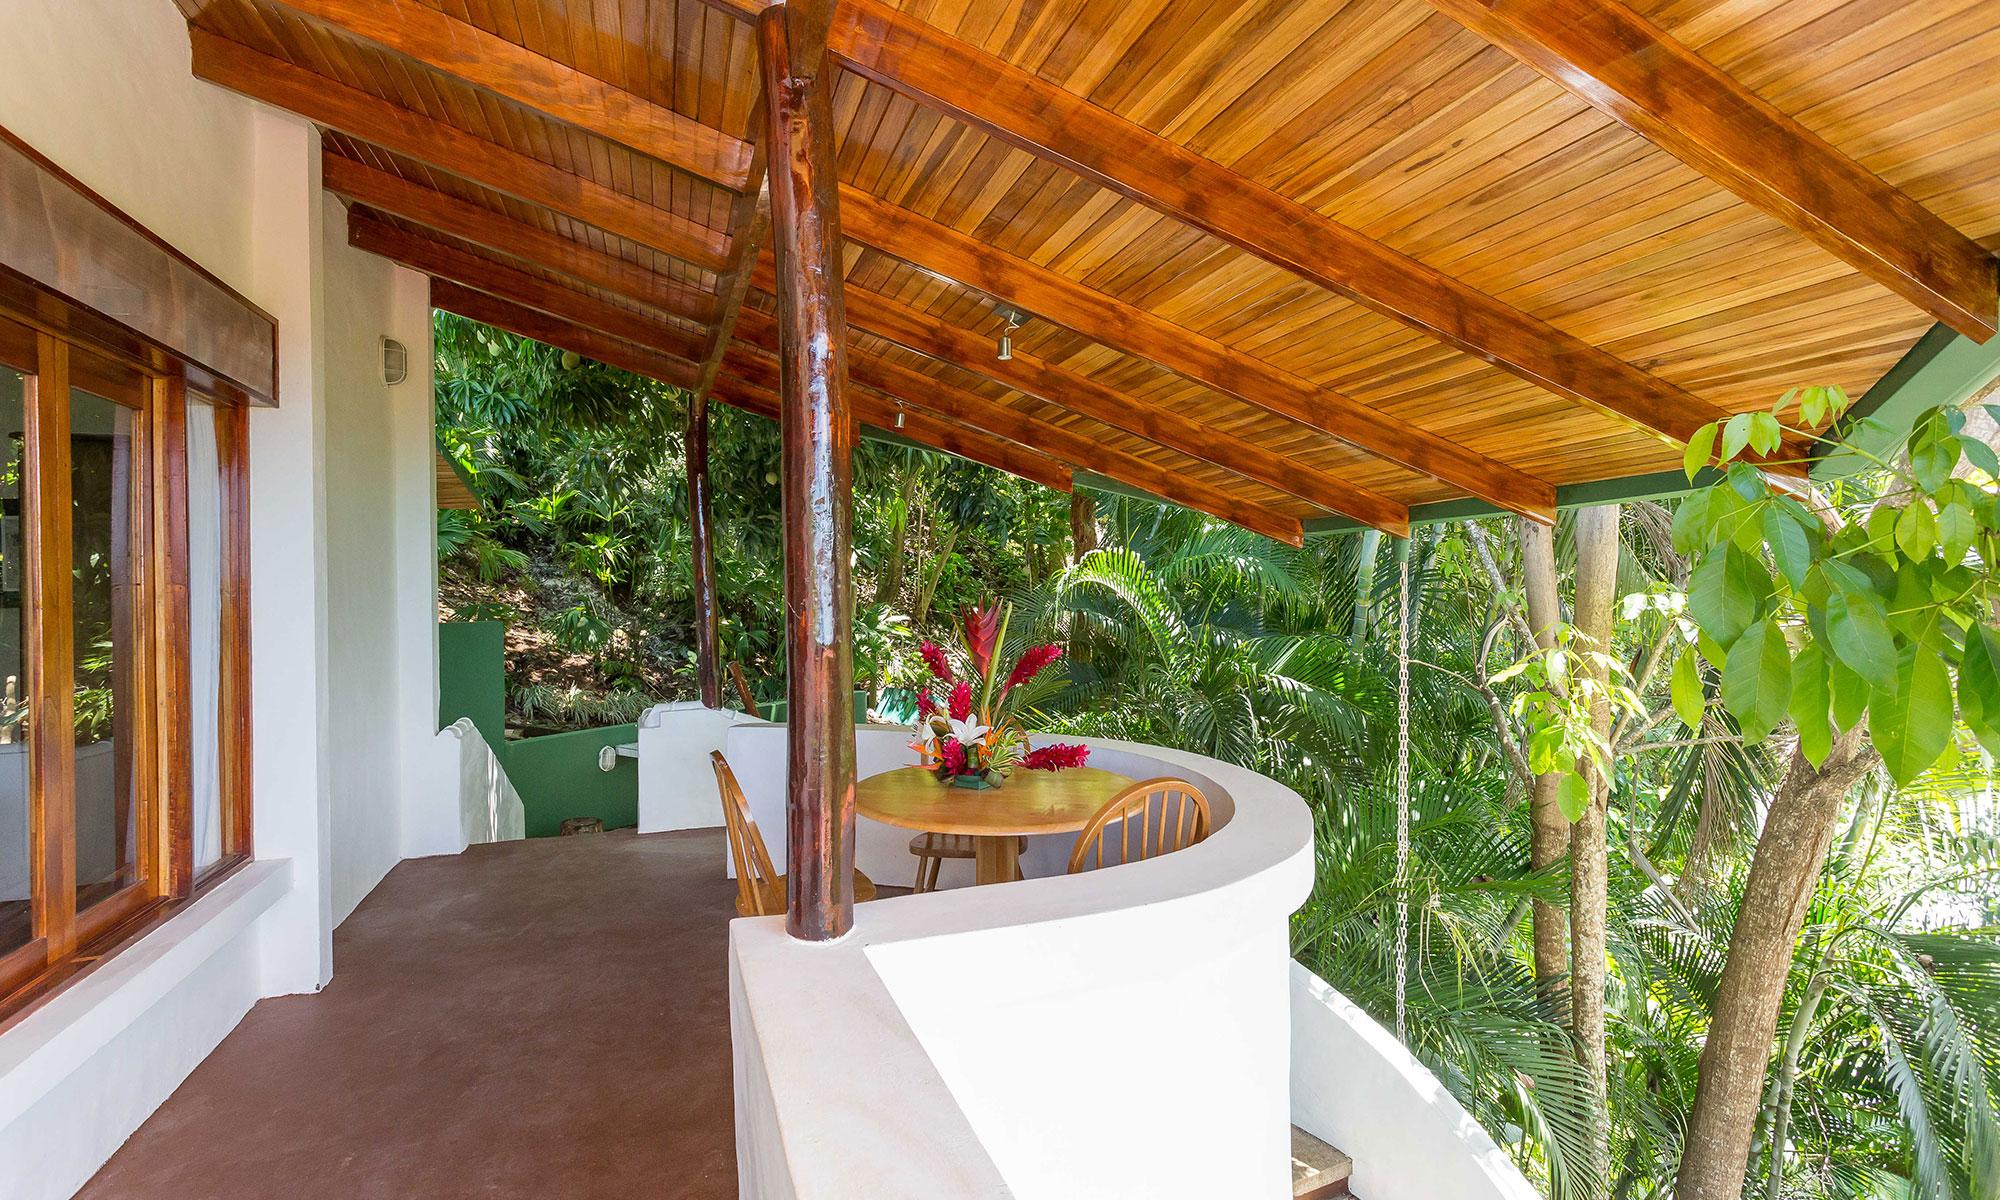 Villa Natura outdoor dining